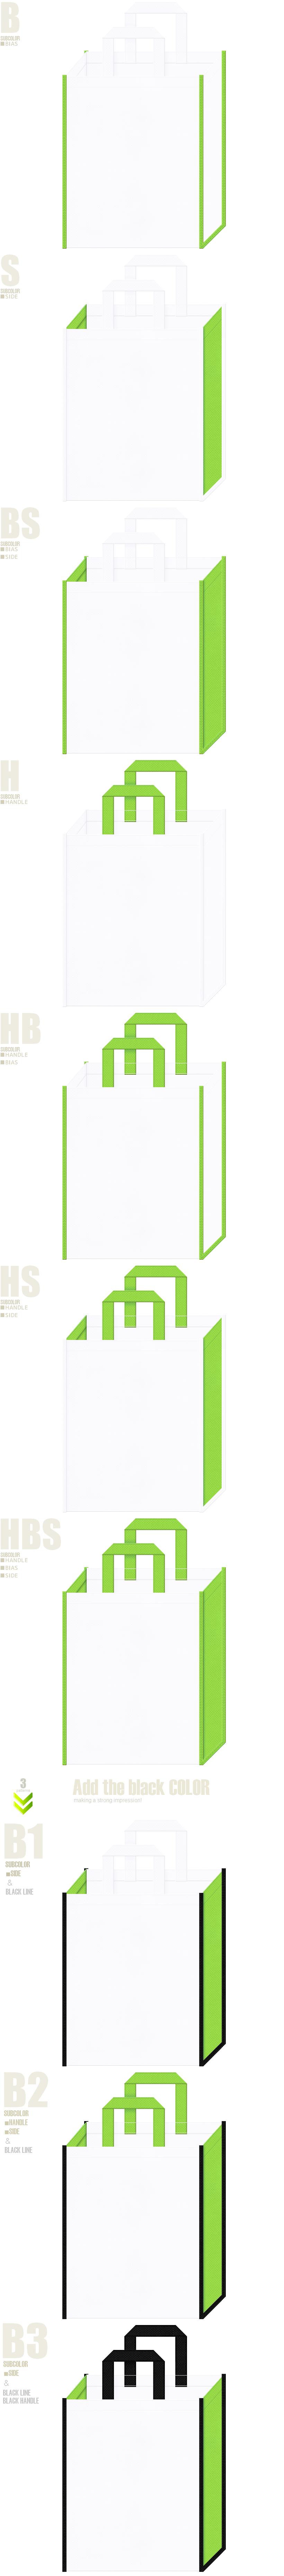 白色と黄緑色の不織布バッグデザイン。新緑イベントのバッグノベルティ、緑化計画・園芸セミナーの資料配布用バッグにお奨めです。